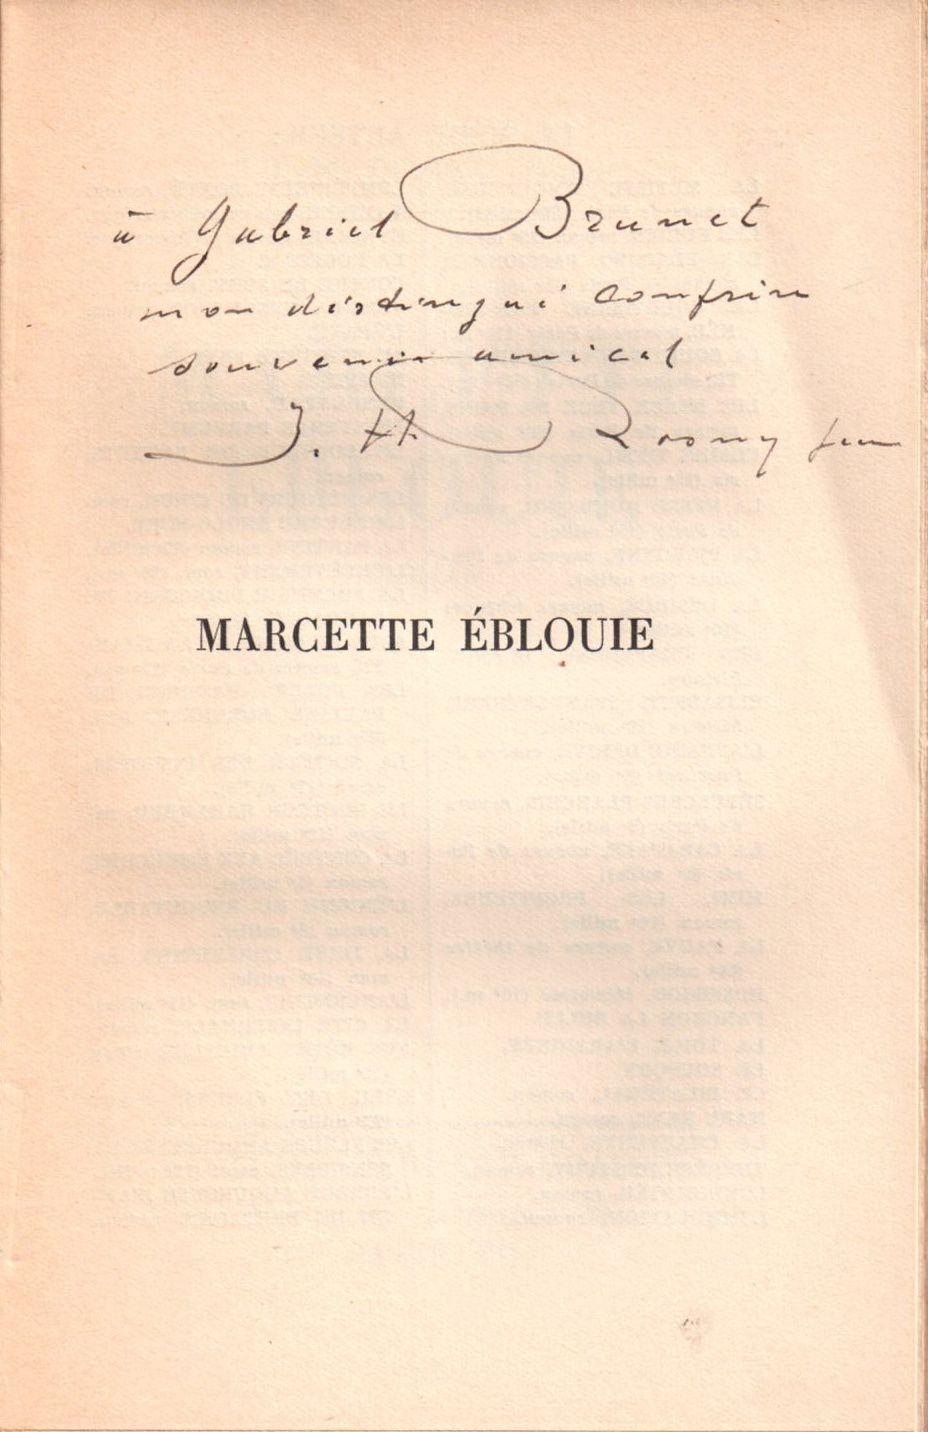 """J.-H. Rosny Jeune """"Marcette éblouie"""" (Grasset - 1935) [Service de presse]"""